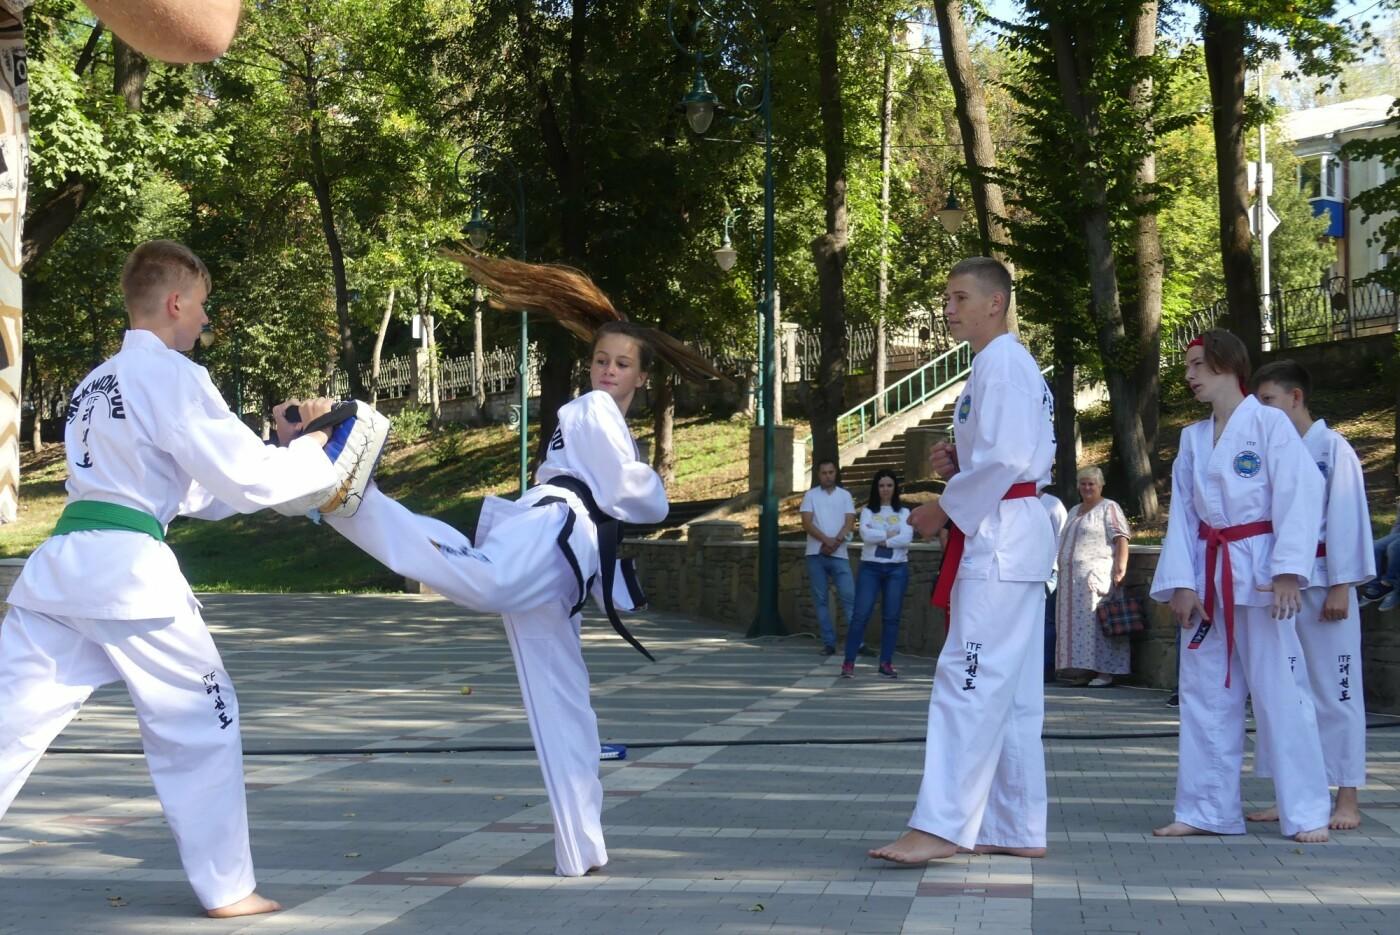 У Кам'янці-Подільському святкували спортивний день, фото-24, Фото: Кам'янець-Подільська міська рада